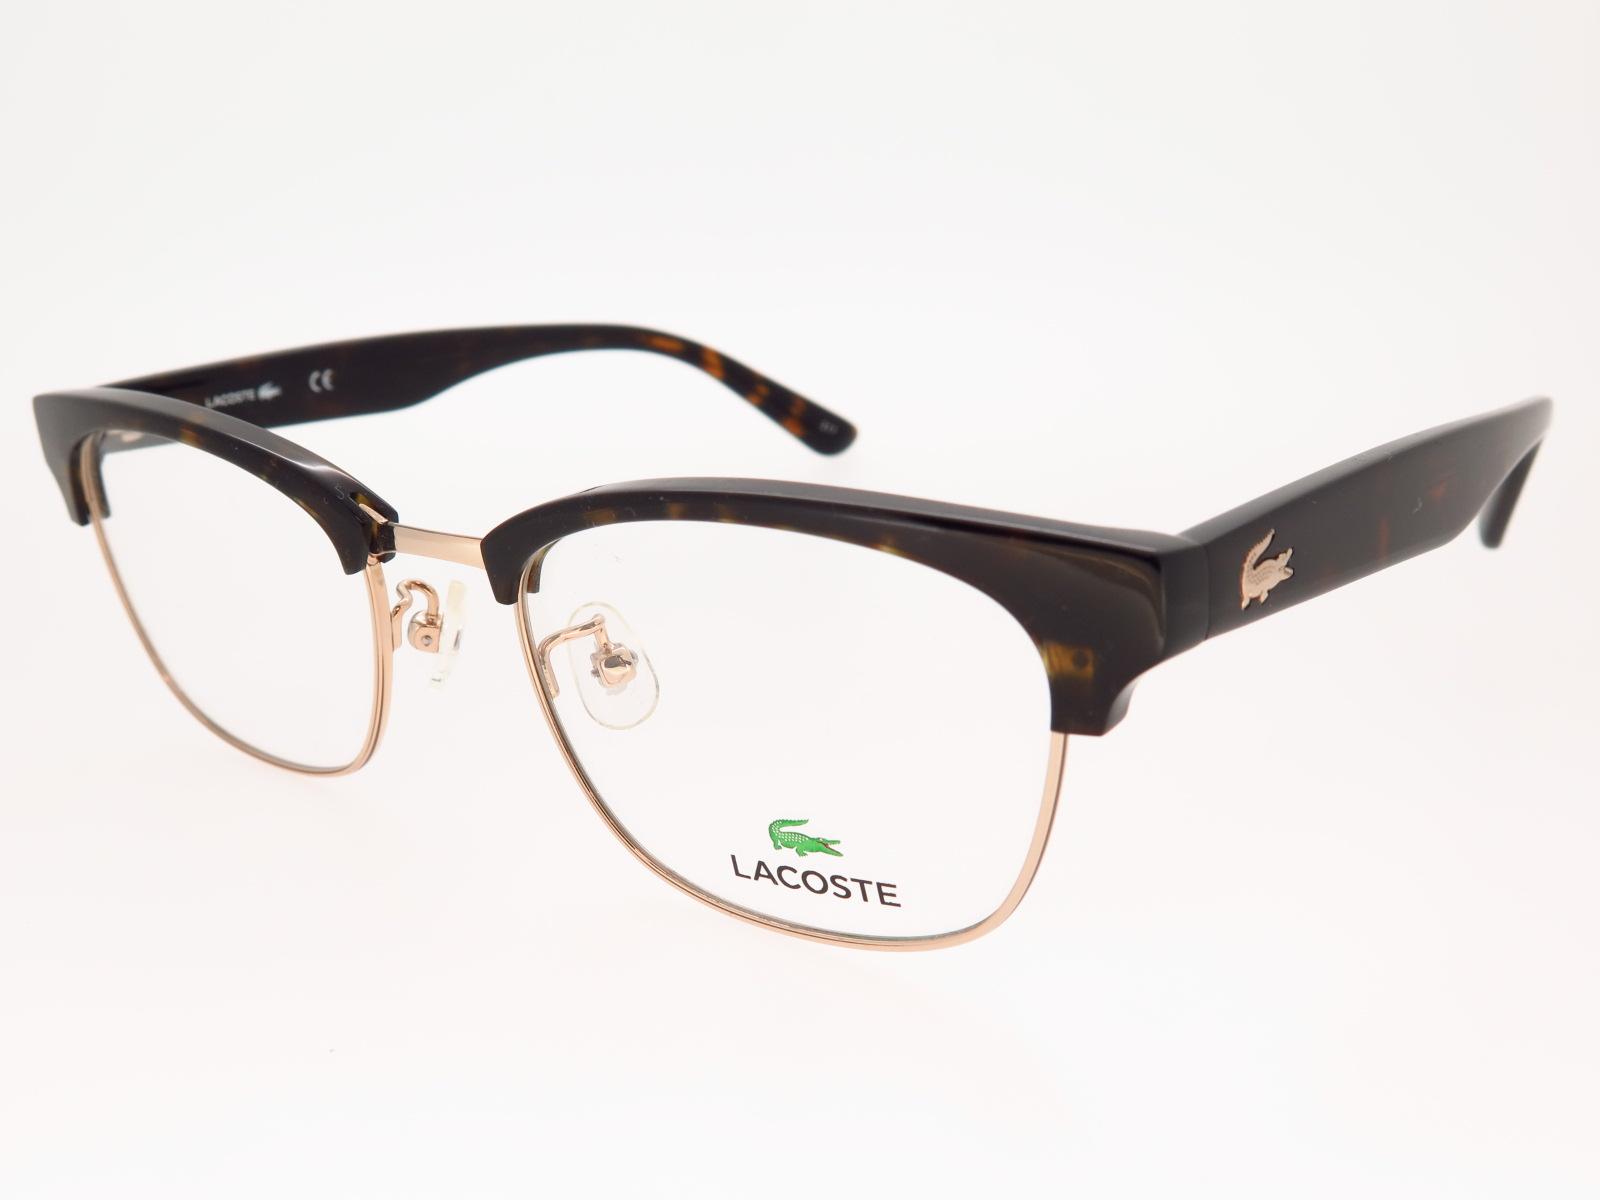 LACOSTE ラコステ ブランド メガネ アジアンフィット スクエア型 ブローメタル L2208A 714 51サイズ